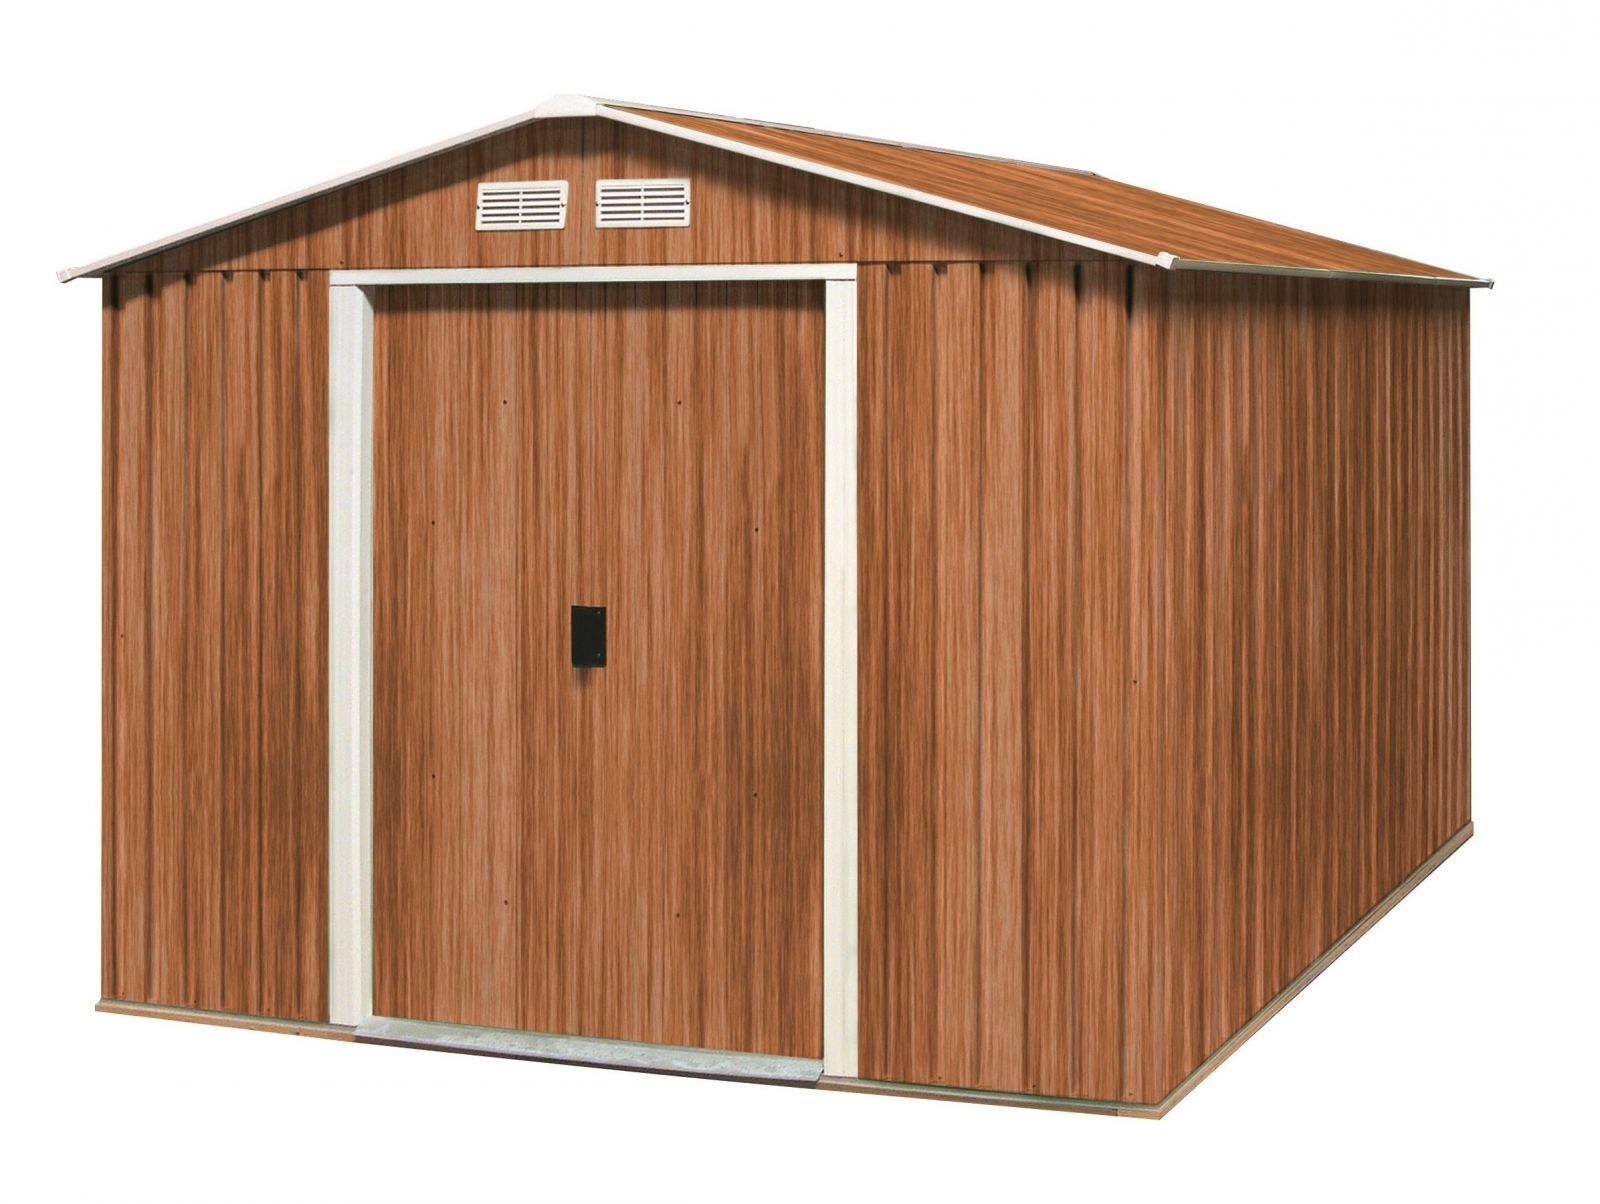 Plechový zahradní domek Duramax Titan XXL 7,8m2 - imitace dřeva (zahradní/nářaďový domek)